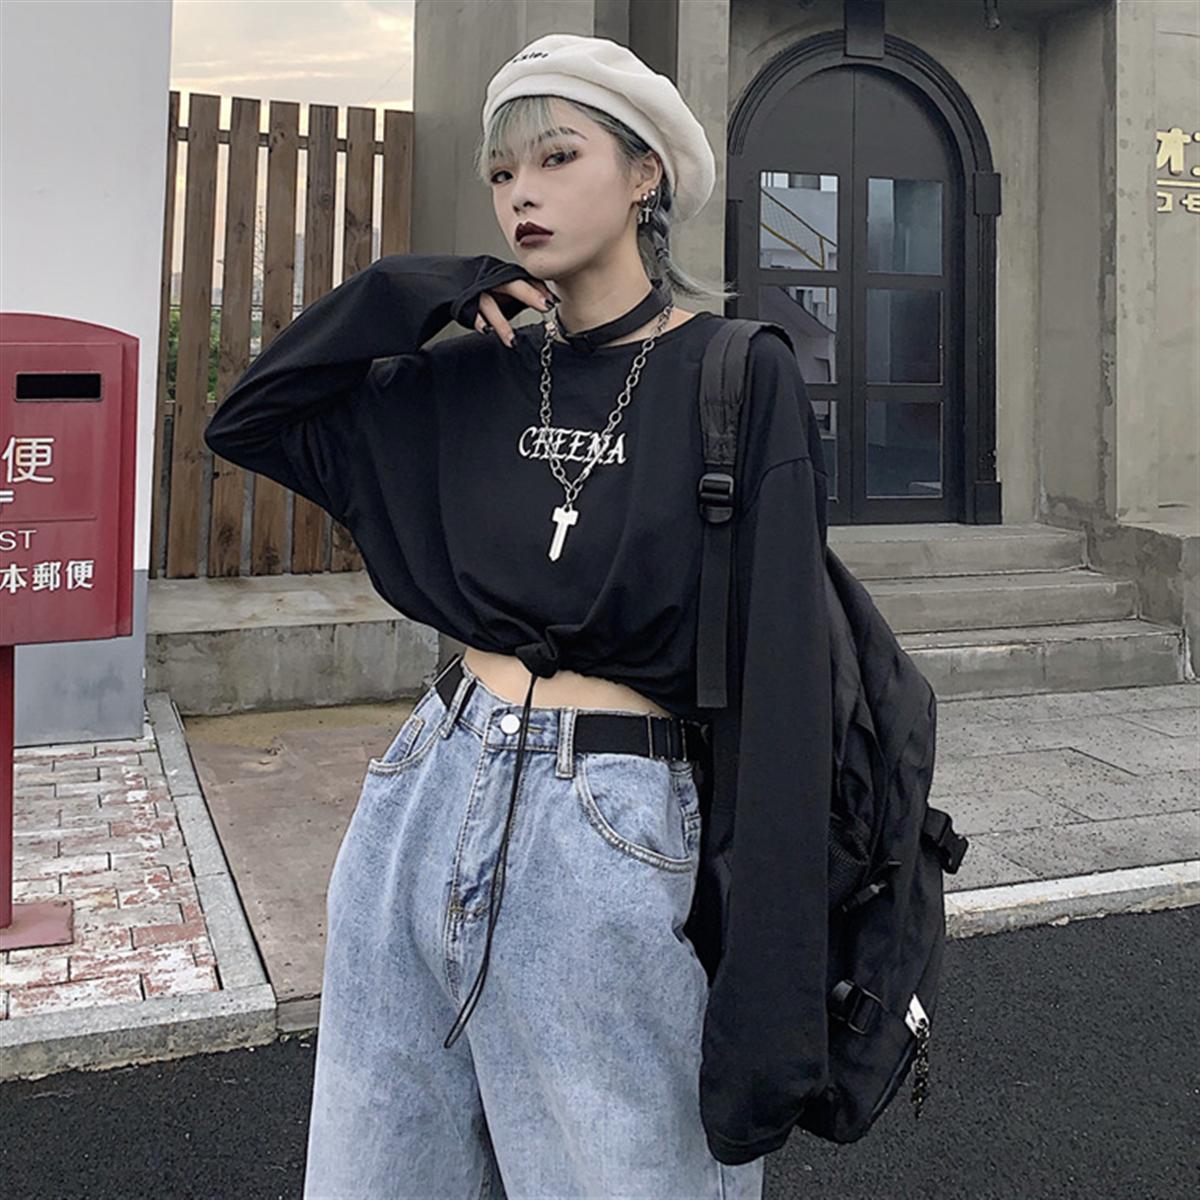 【tops】 ファッションプリント超人気Tシャツ23061232